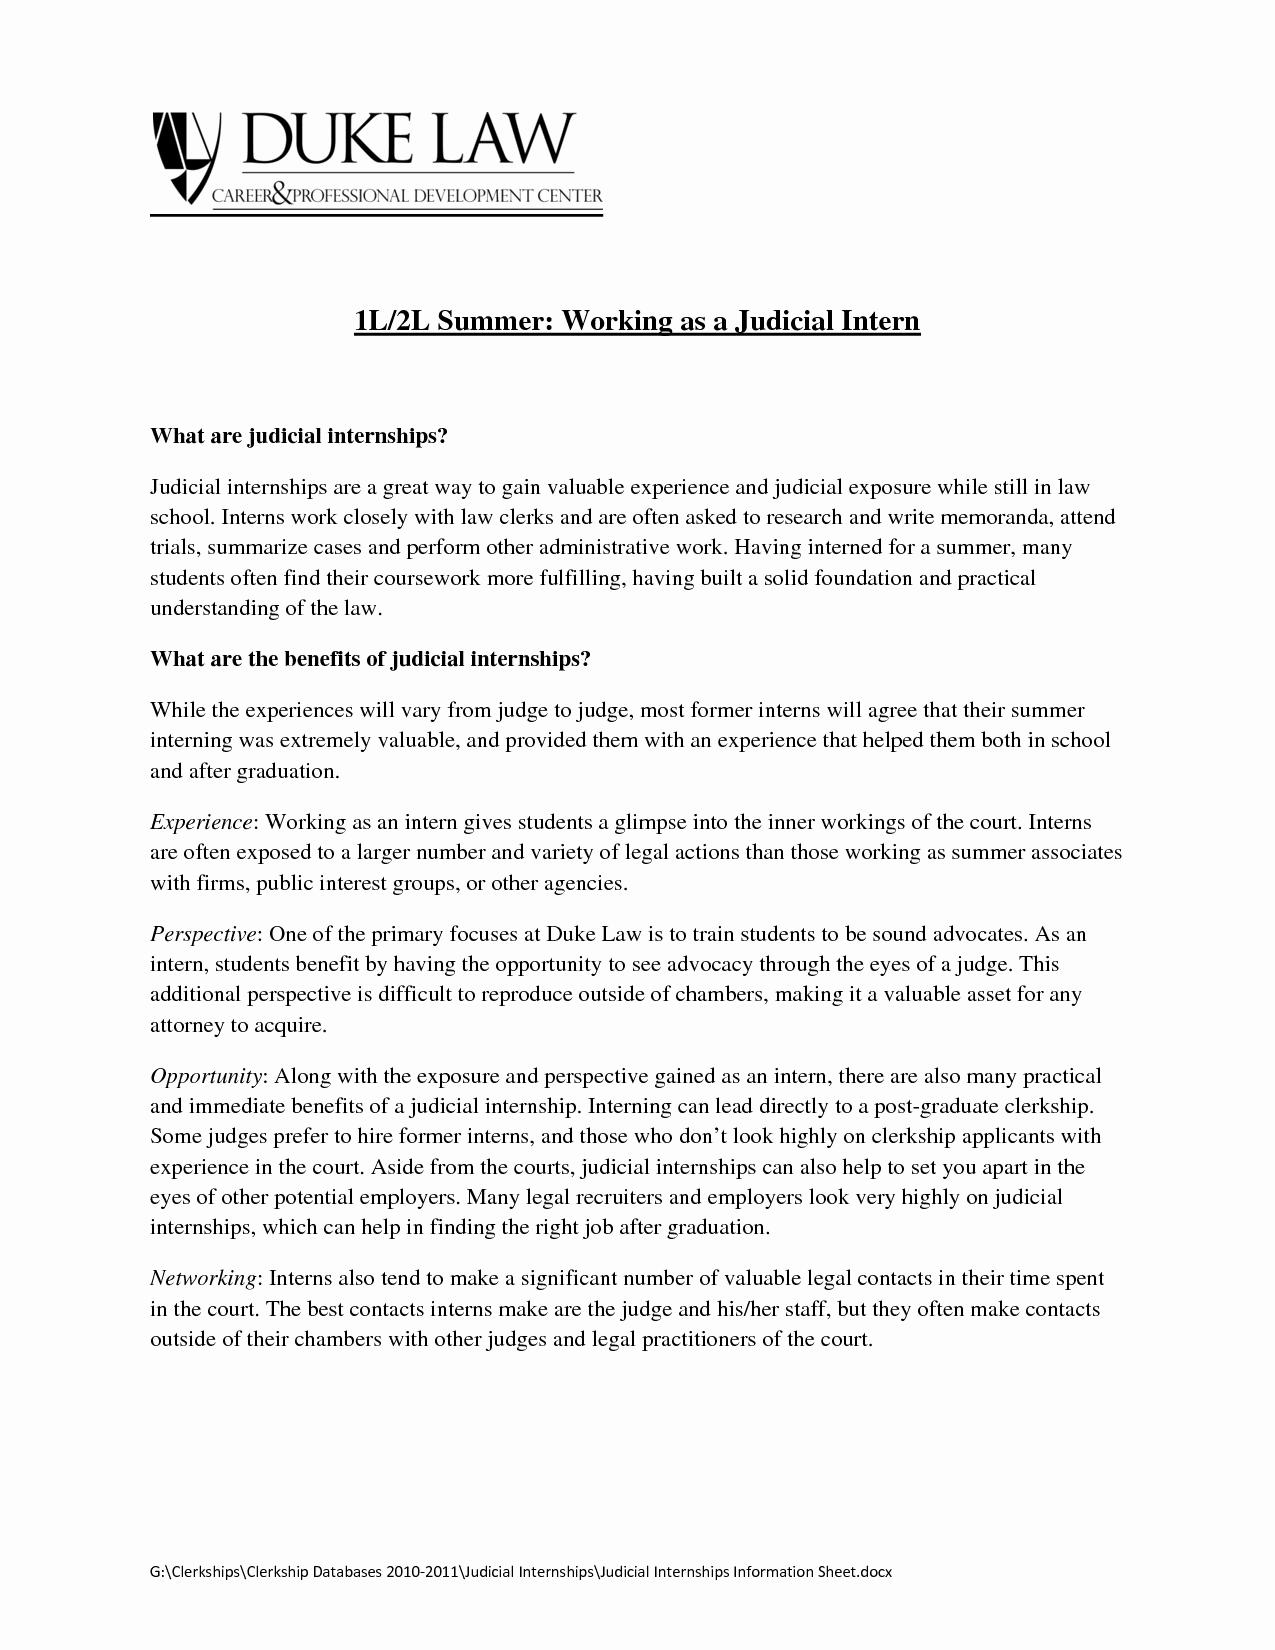 Legal Cover Letters Samples Unique Sample 2l Cover Letter Law Firm Cover Letter